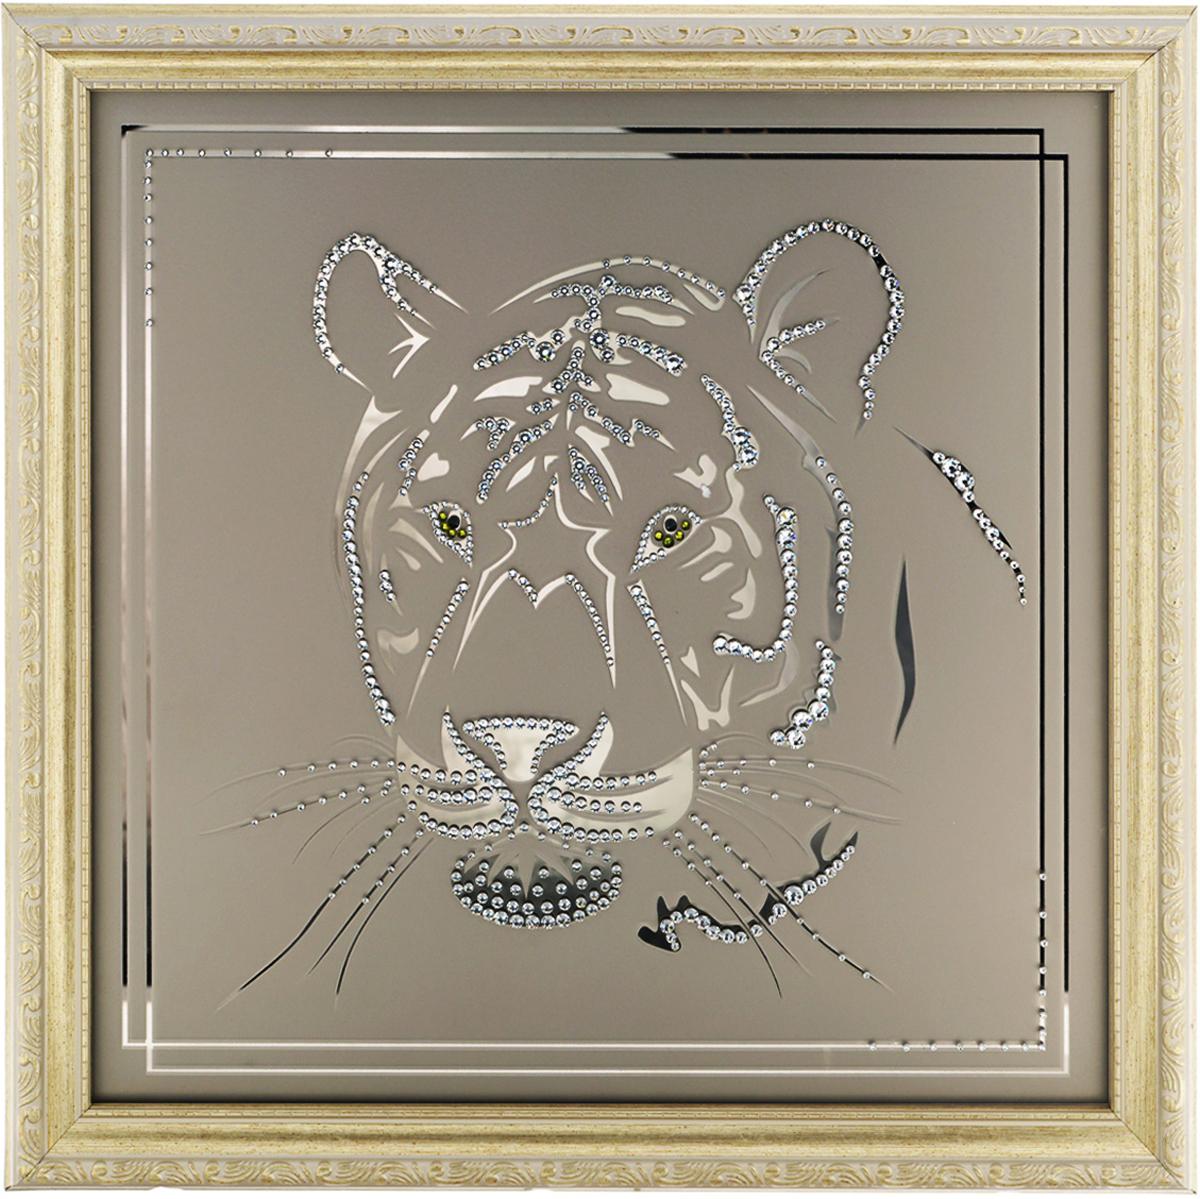 Картина с кристаллами Swarovski Взгляд тигра, 40 см х 40 см1070Изящная картина в багетной раме, инкрустирована кристаллами Swarovski в виде головы тигра на матовом стекле золотистого цвета. Кристаллы Swarovski отличаются четкой и ровной огранкой, ярким блеском и чистотой цвета. С обратной стороны имеется металлическая проволока для размещения картины на стене. Картина с кристаллами Swarovski Взгляд тигра элегантно украсит интерьер дома или офиса, а также станет прекрасным подарком, который обязательно понравится получателю. Блеск кристаллов в интерьере, что может быть сказочнее и удивительнее. Картина упакована в подарочную картонную коробку синего цвета и комплектуется сертификатом соответствия Swarovski.